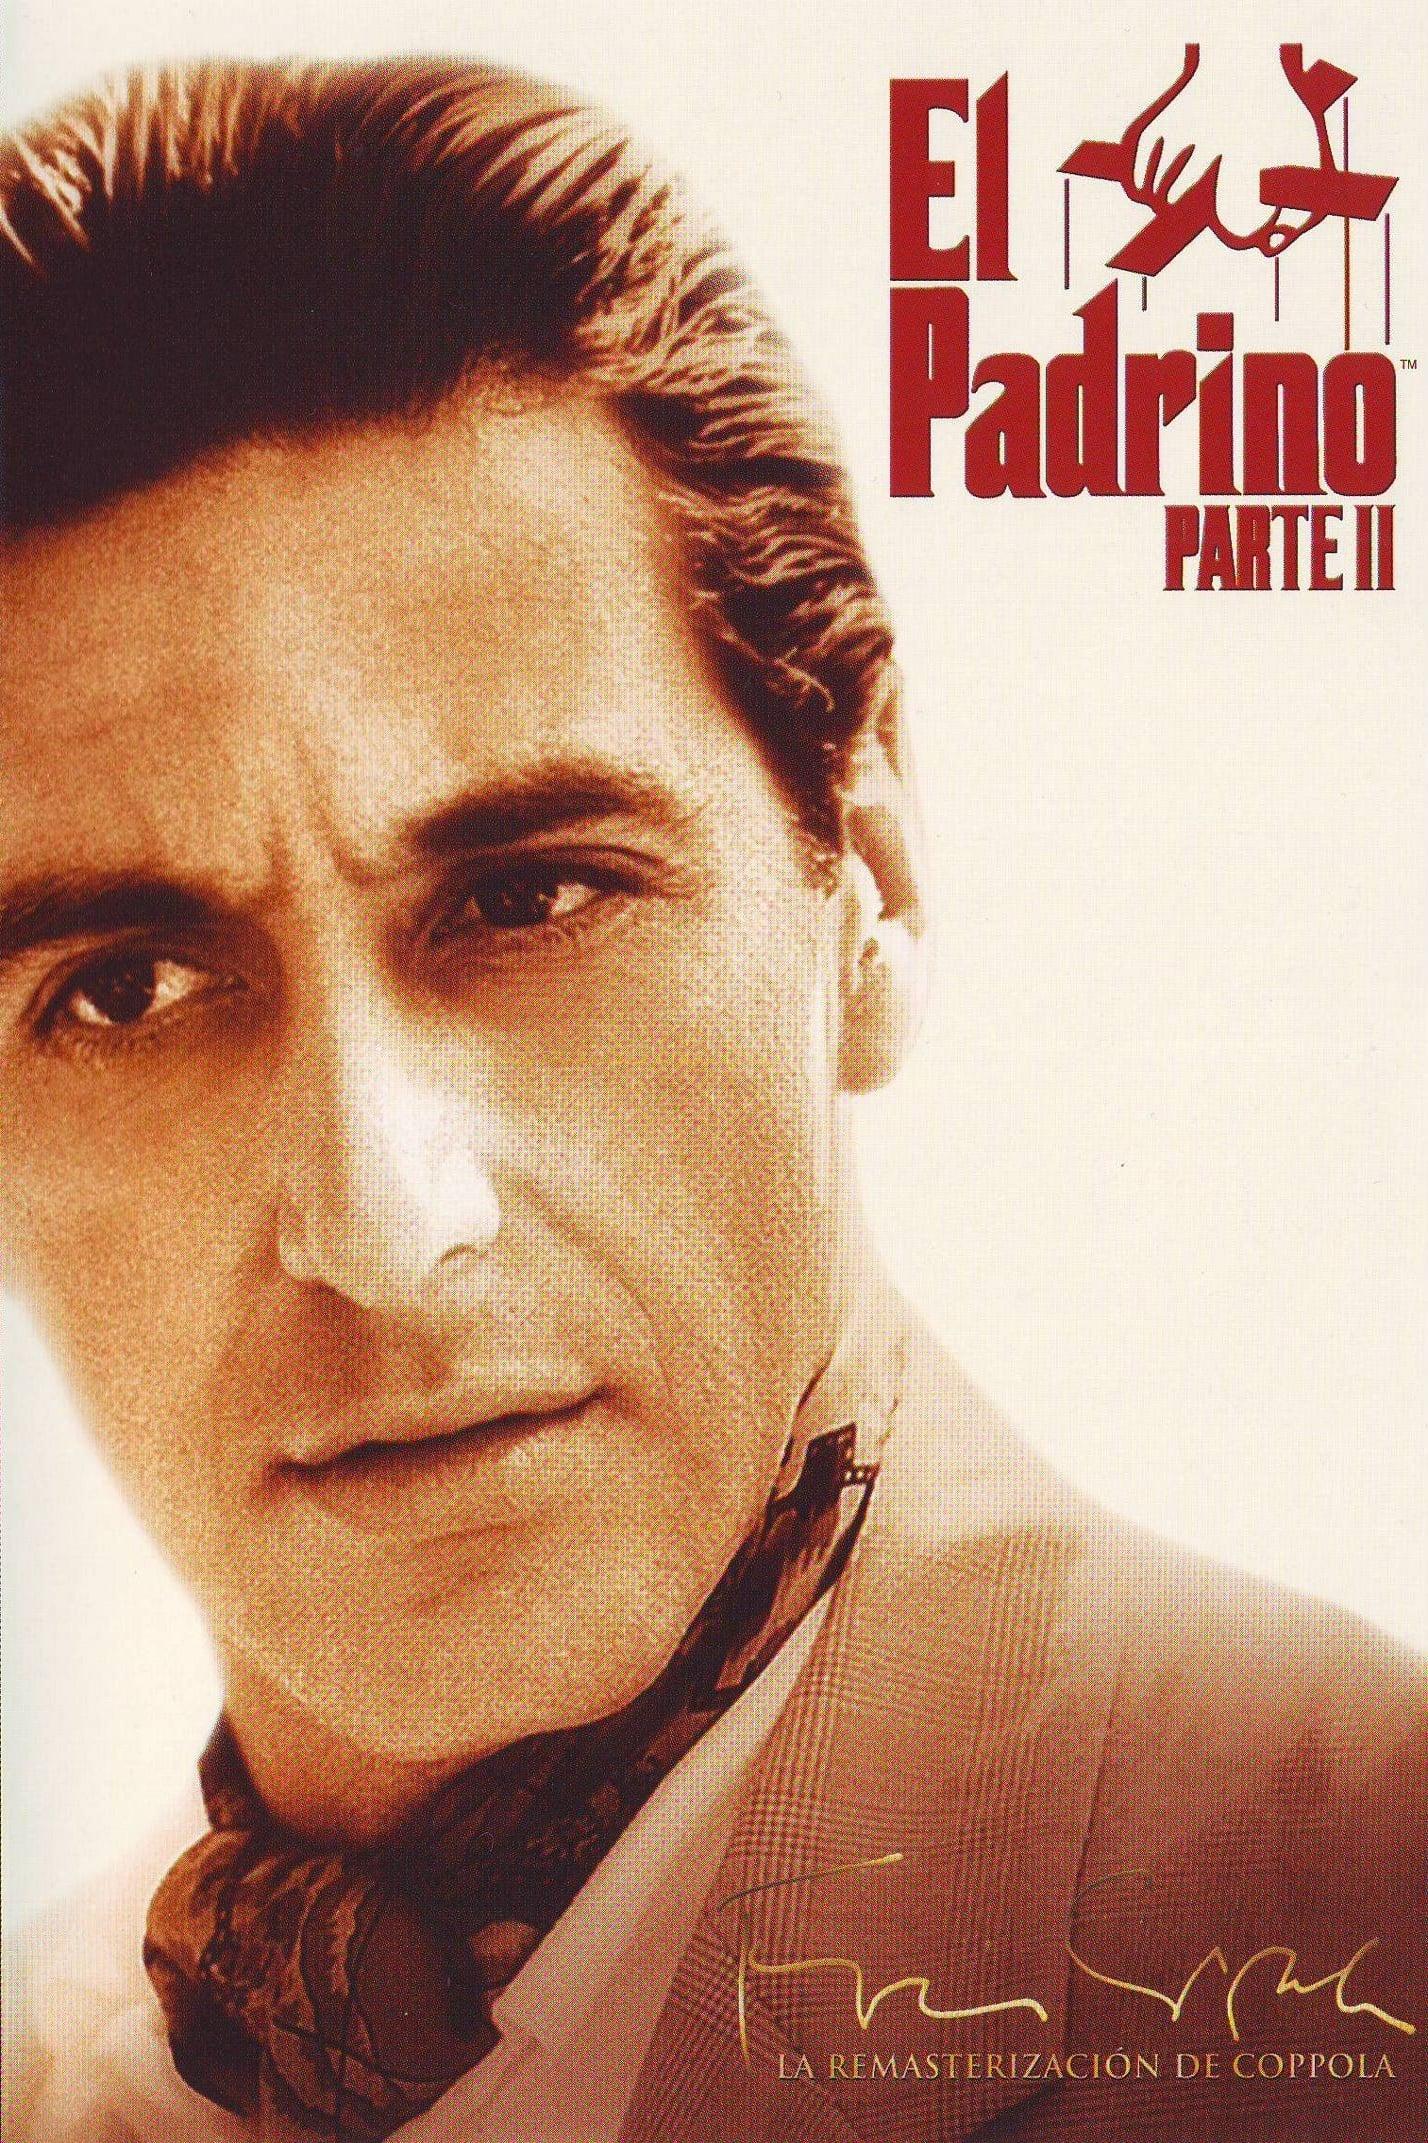 Imagen 3 The Godfather: Part II